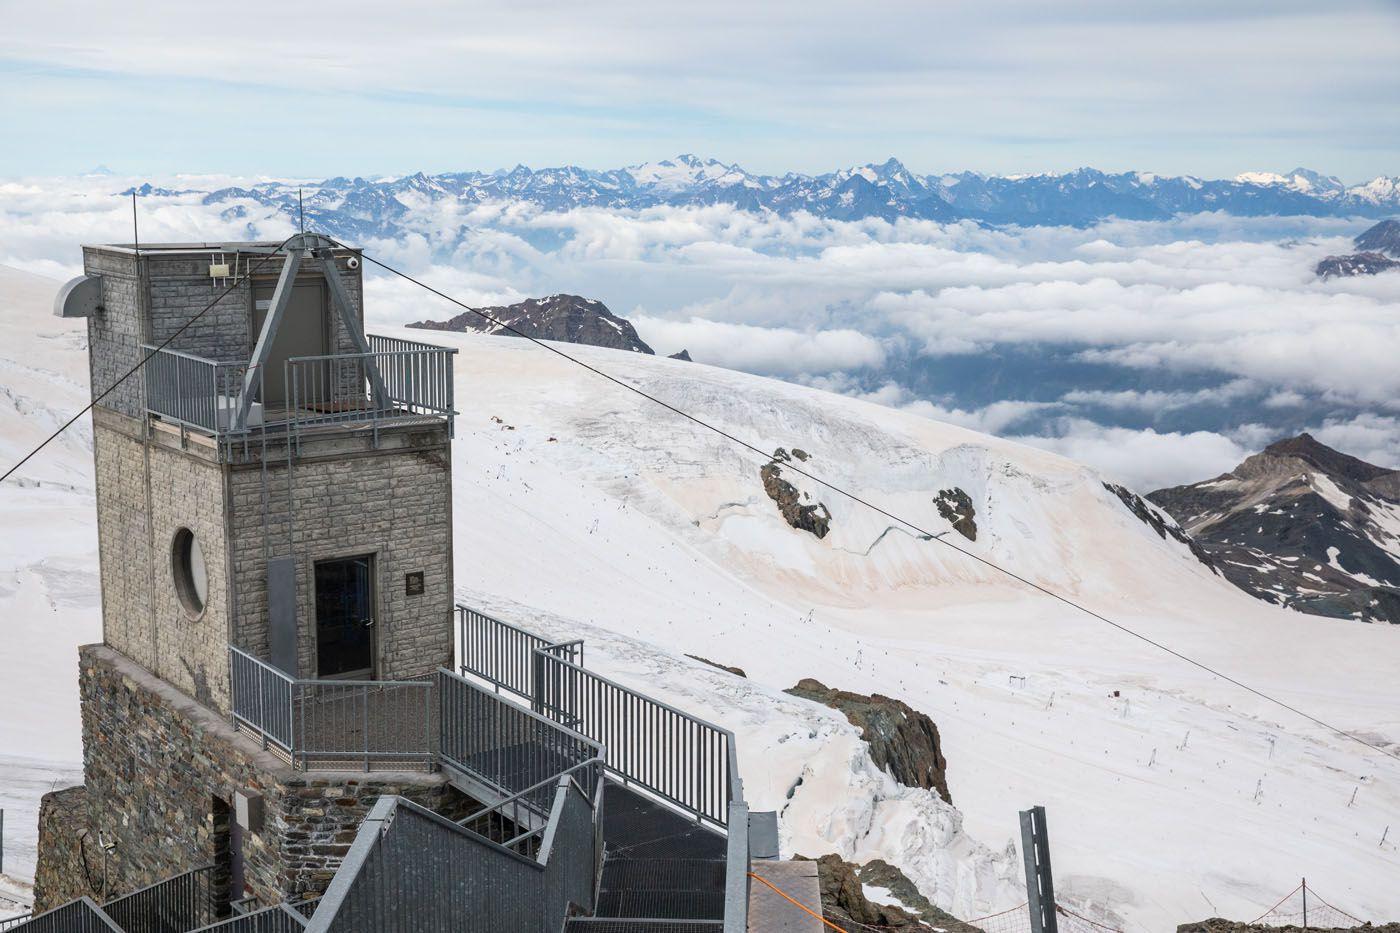 Ski Slope View